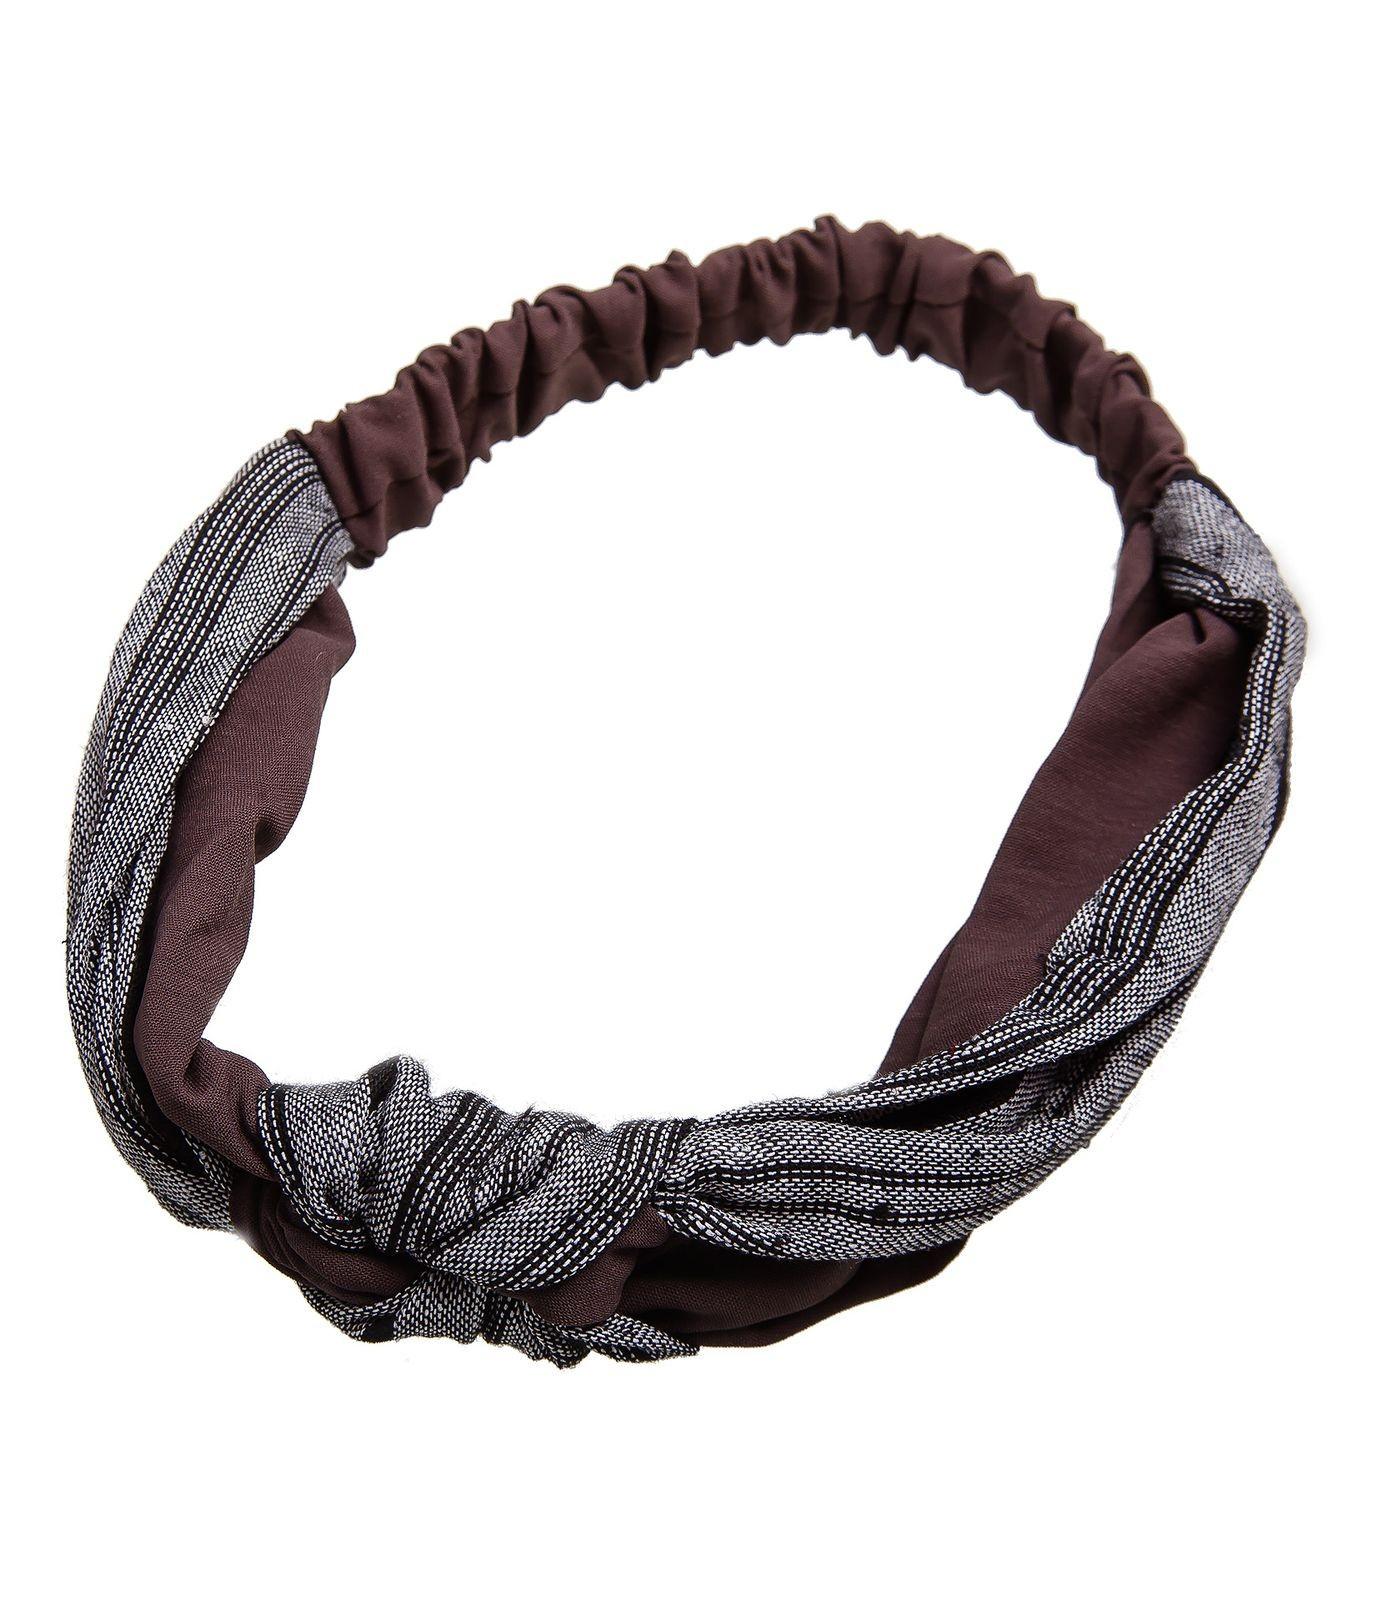 Повязка Kameo-bis, коричневый, серый, 46 х 7 см, AH810044AH810044Размер 46 х 7 см. Растягивается. Состав: текстиль